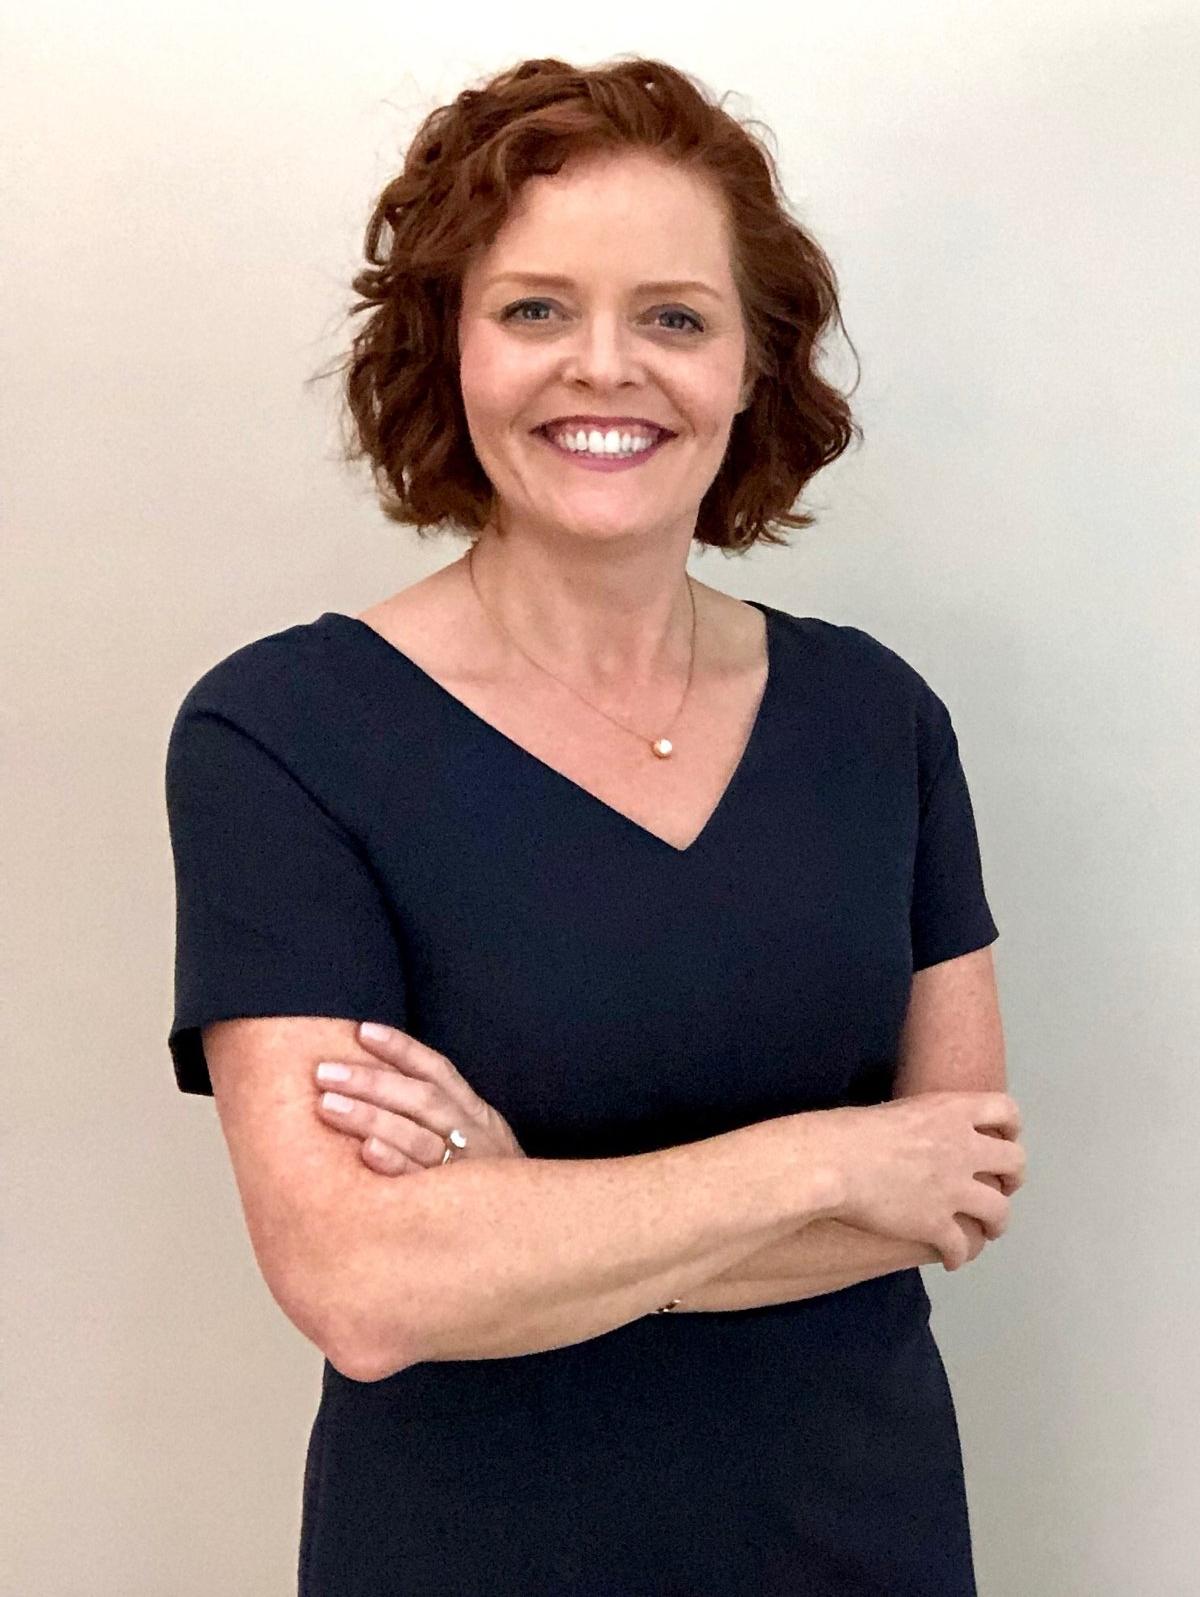 Divorce Attorney & Mediator Julie Ernst